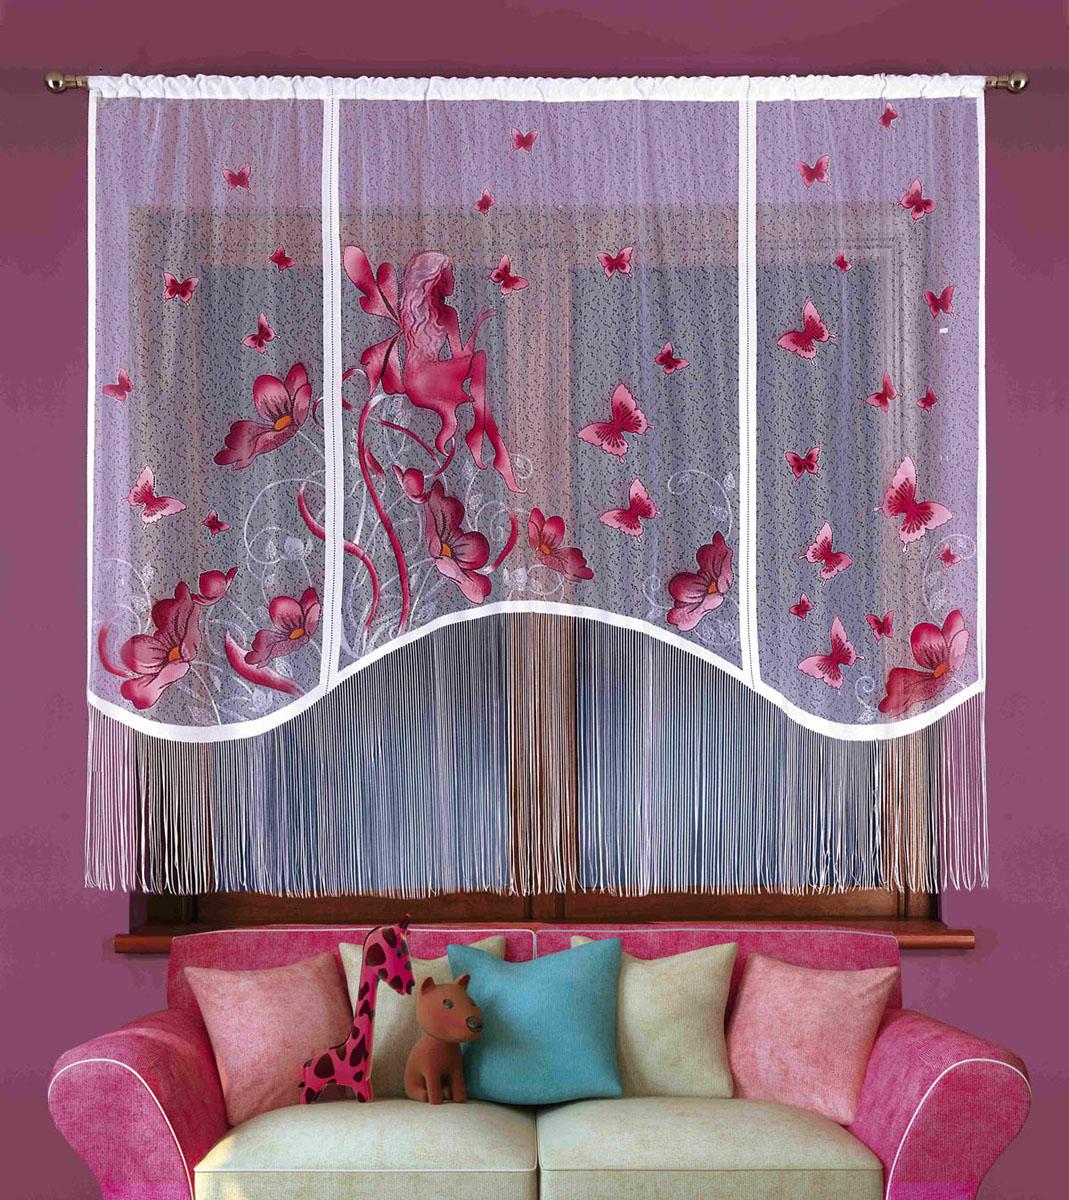 Гардина Elfik, на кулиске, цвет: белый, высота 180 см724918Воздушная гардина Elfik, изготовленная из полиэстера белого цвета, станет великолепным украшением любого окна. Нижняя часть гардины декорирована бахромой. Тонкое плетение и рисунок в виде бордовых бабочек привлекут к себе внимание и органично впишутся в интерьер. Верхняя часть гардины оснащена кулиской для крепления на круглый карниз. Характеристики: Материал: 100% полиэстер. Цвет: белый. Высота кулиски: 6 см. Размер упаковки: 26 см х 5 см х 36 см. Артикул: 724918. В комплект входит: Гардина - 1 шт. Размер (ШхВ): 220 см х 180 см. Фирма Wisan на польском рынке существует уже более пятидесяти лет и является одной из лучших польских фабрик по производству штор и тканей. Ассортимент фирмы представлен готовыми комплектами штор для гостиной, детской, кухни, а также текстилем для кухни (скатерти, салфетки, дорожки, кухонные занавески). Модельный ряд отличает оригинальный дизайн, высокое качество. Ассортимент продукции постоянно...